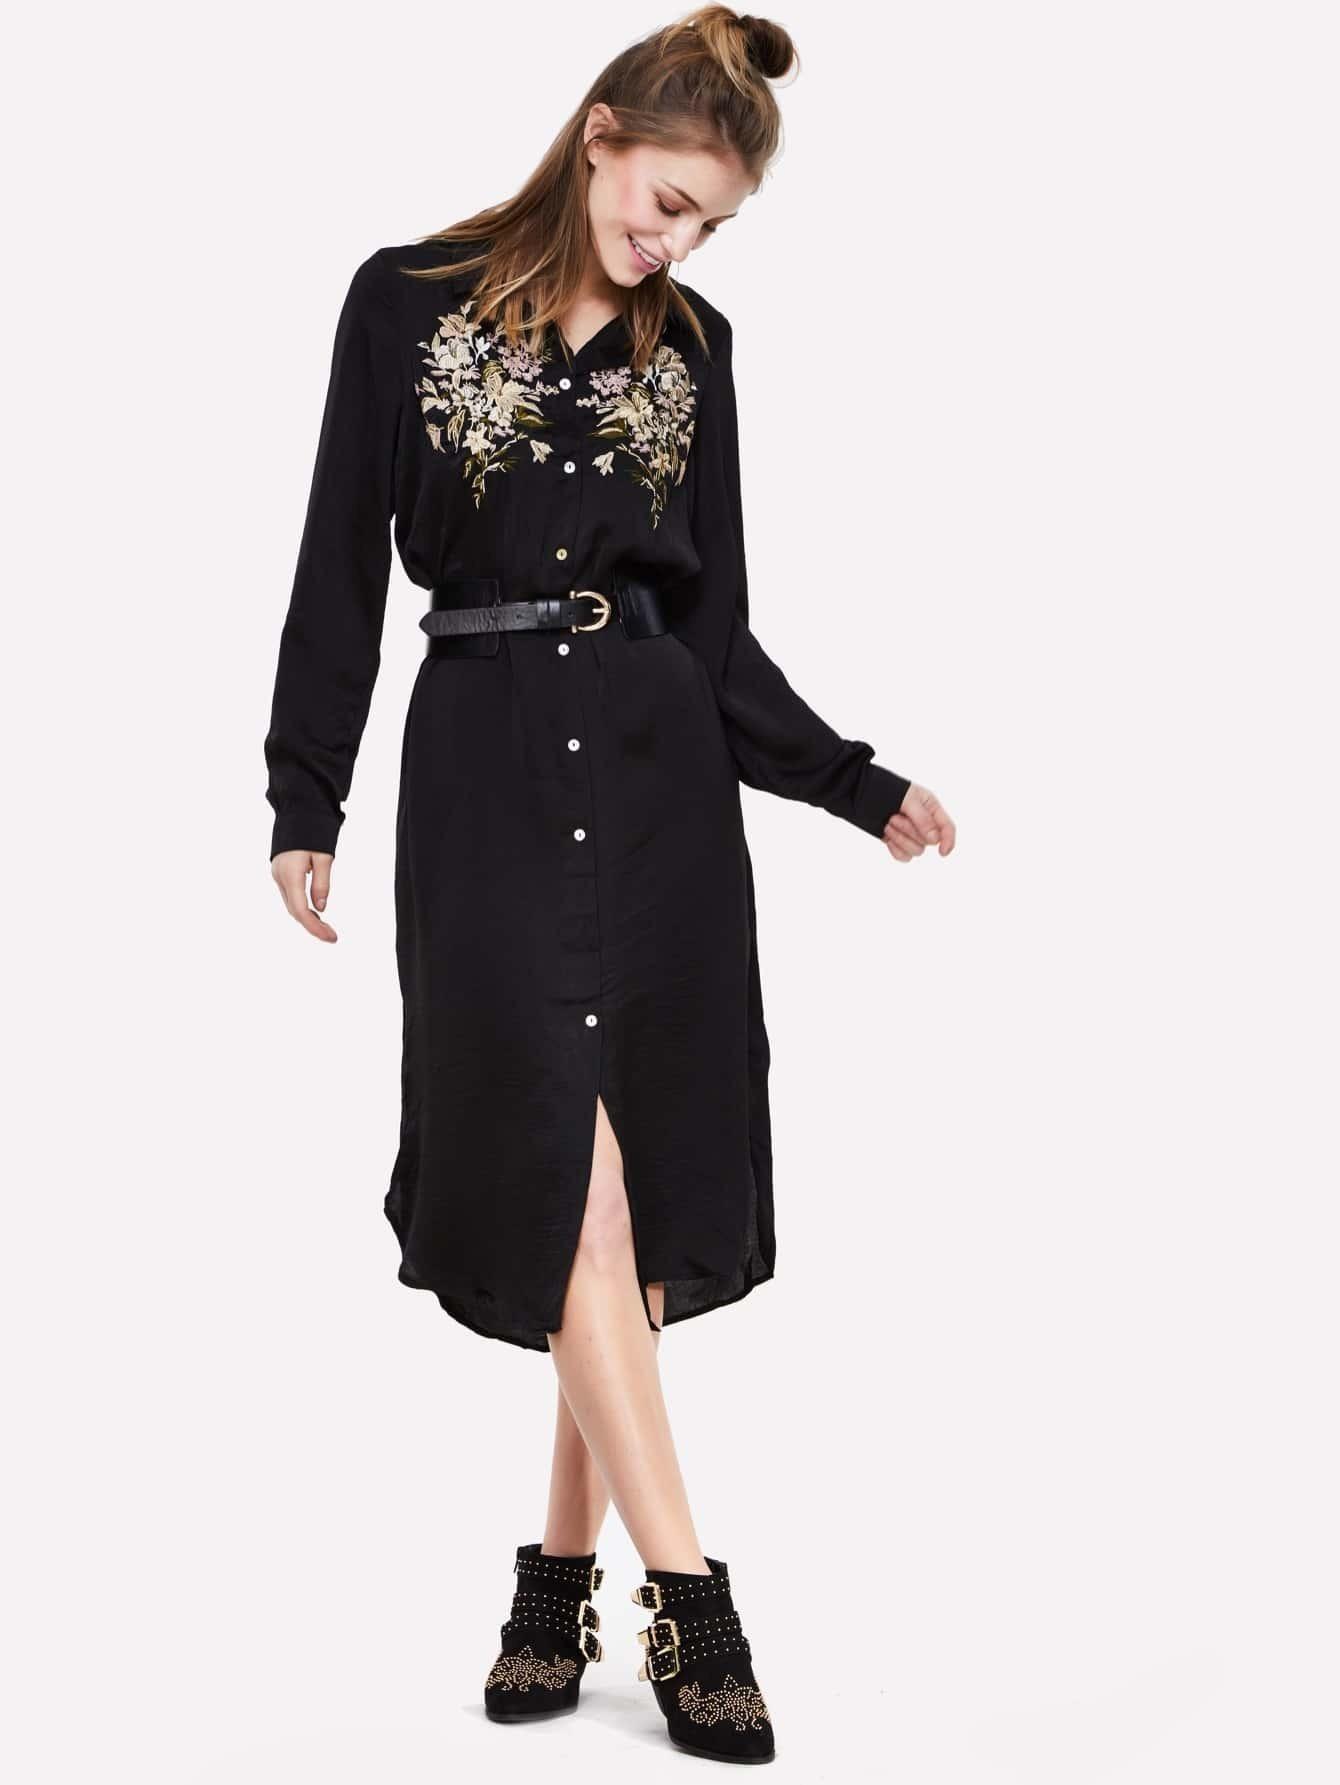 bluse kleid mit blumenmuster und kn pfen german shein sheinside. Black Bedroom Furniture Sets. Home Design Ideas